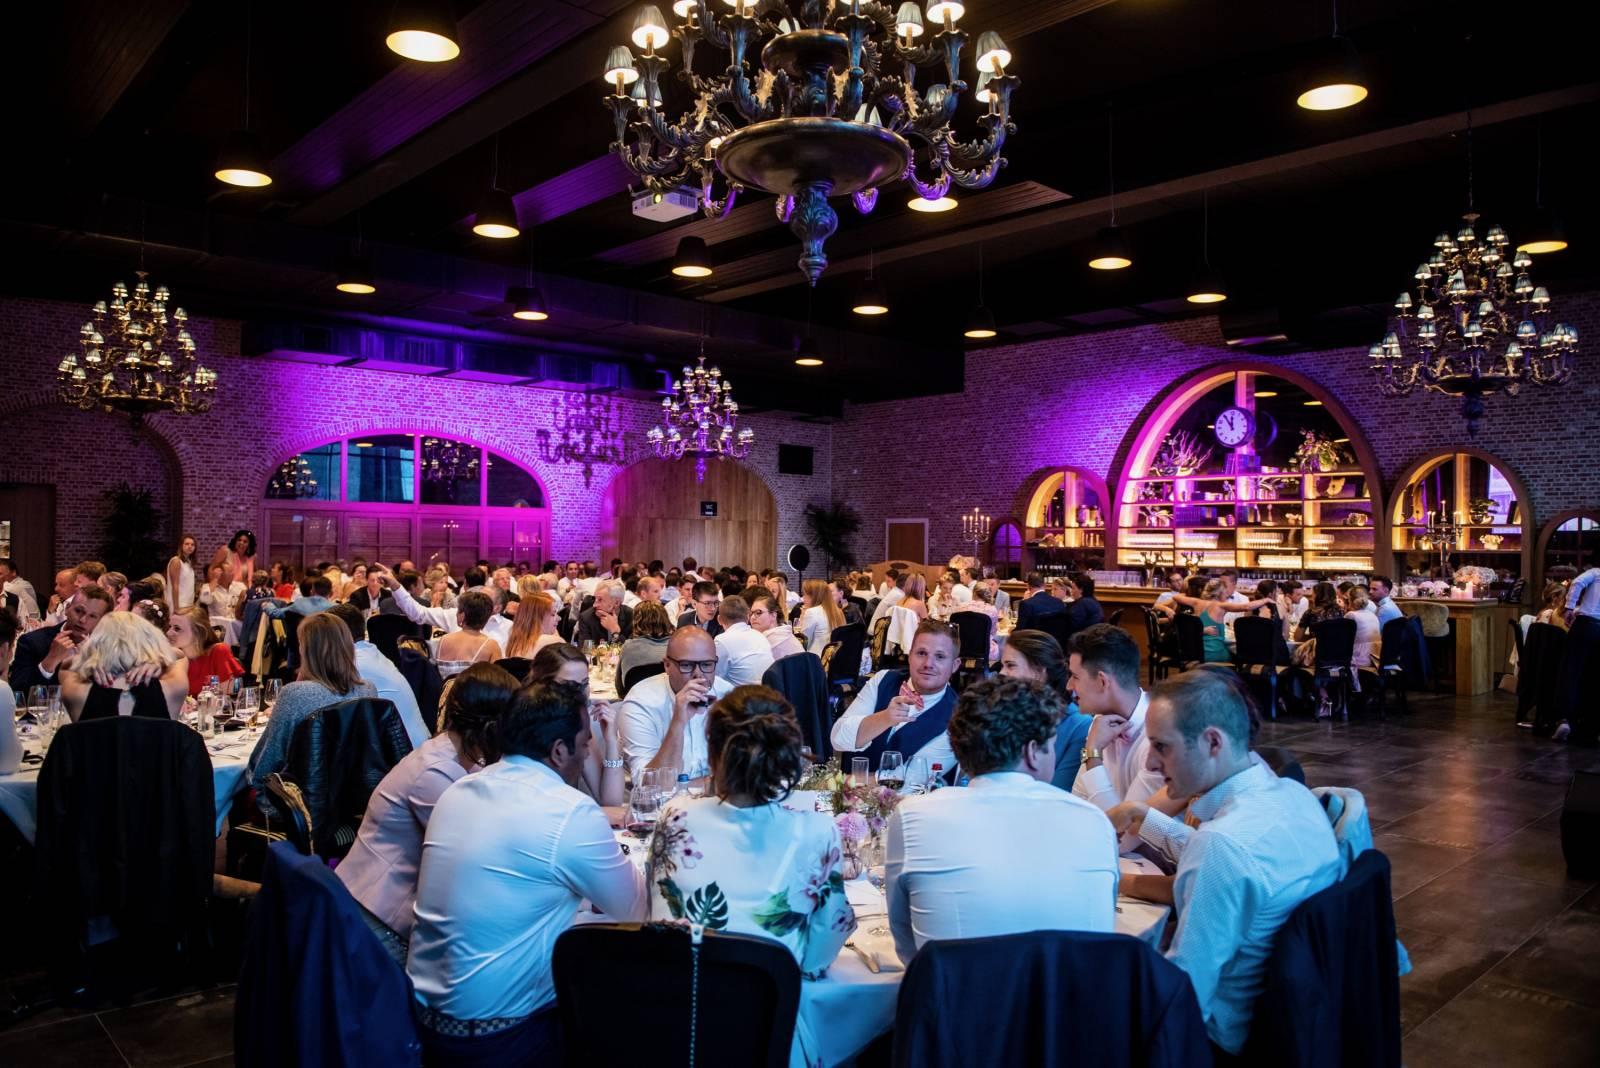 Het Bierkasteel - Feestzaal - Feestlocatie - Brouwerij - Restaurant - Industrieel - Izegem (West-Vlaanderen) - House of Events - 11